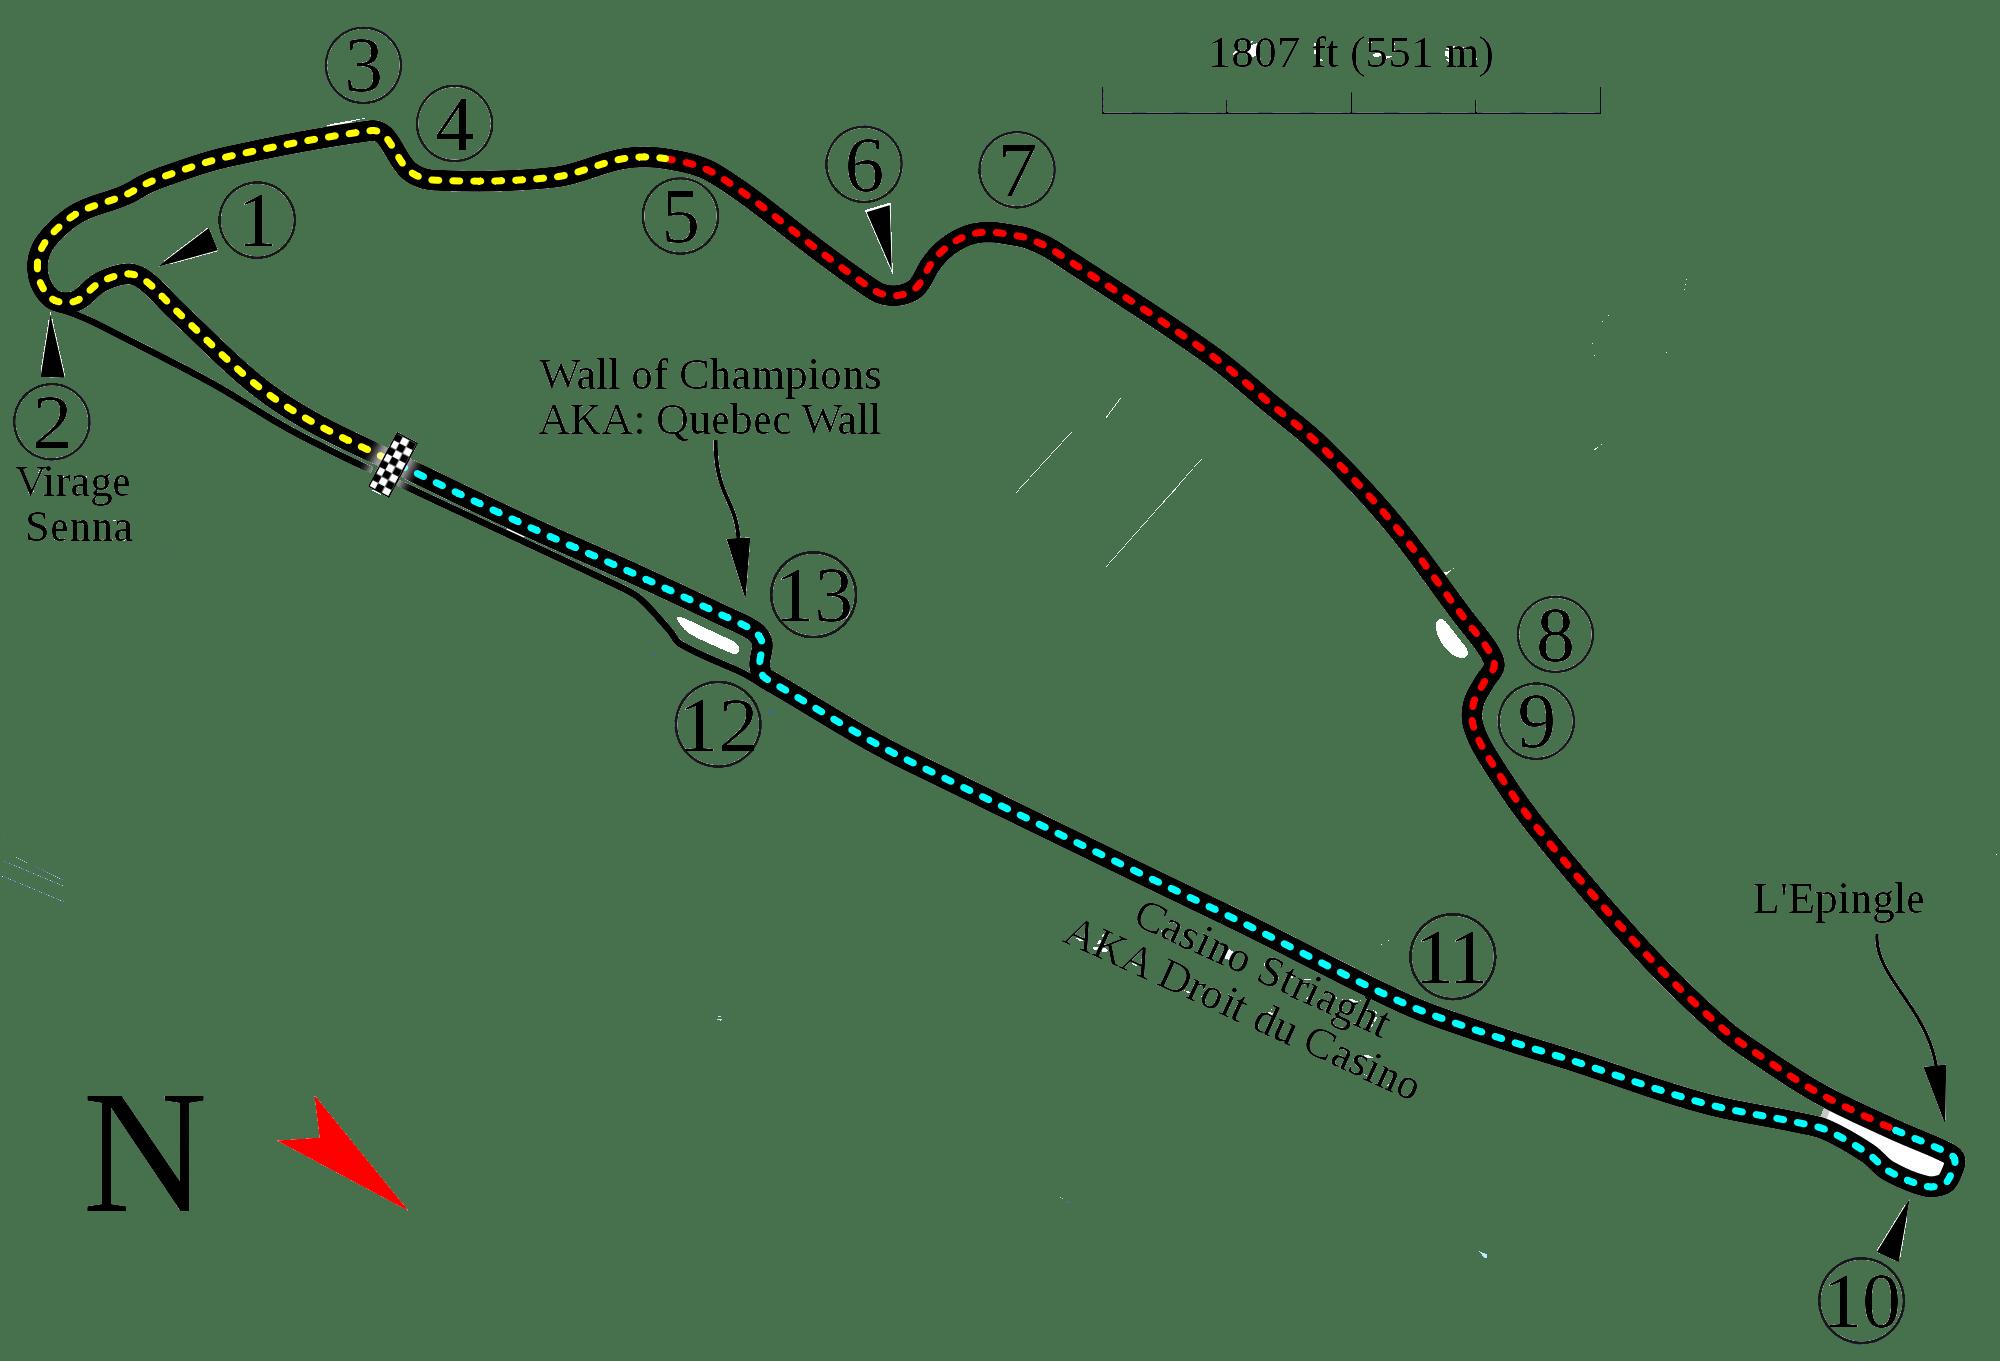 Opiniones De Circuito Gilles Villeneuve